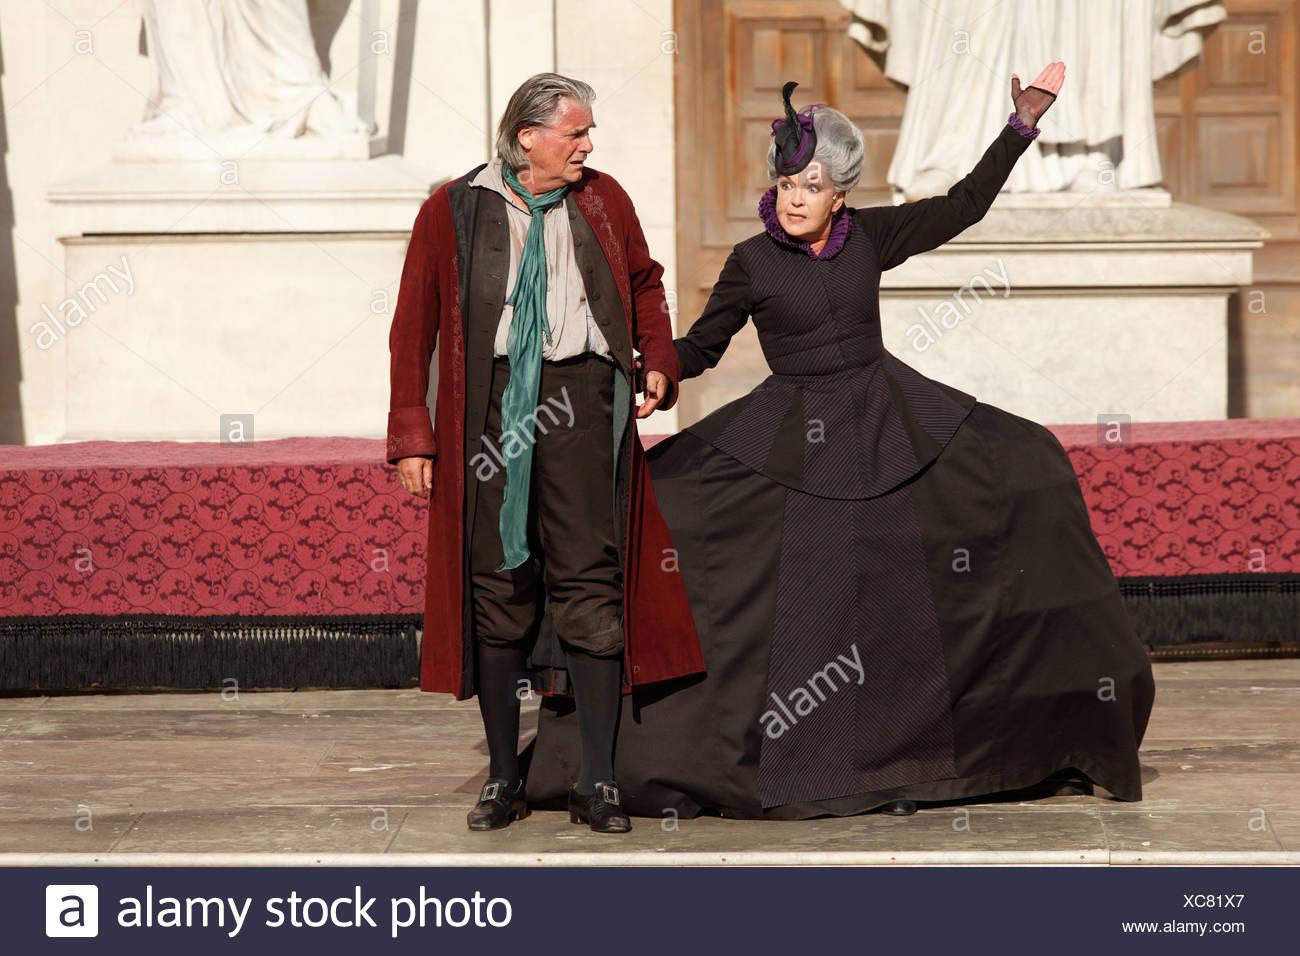 Jedermann, jedermann, gespielt von Peter Simonischek, mit Elisabeth Trissenaar als Jedermanns Mutter spielen durch Hugo von Hofmannstha Stockbild